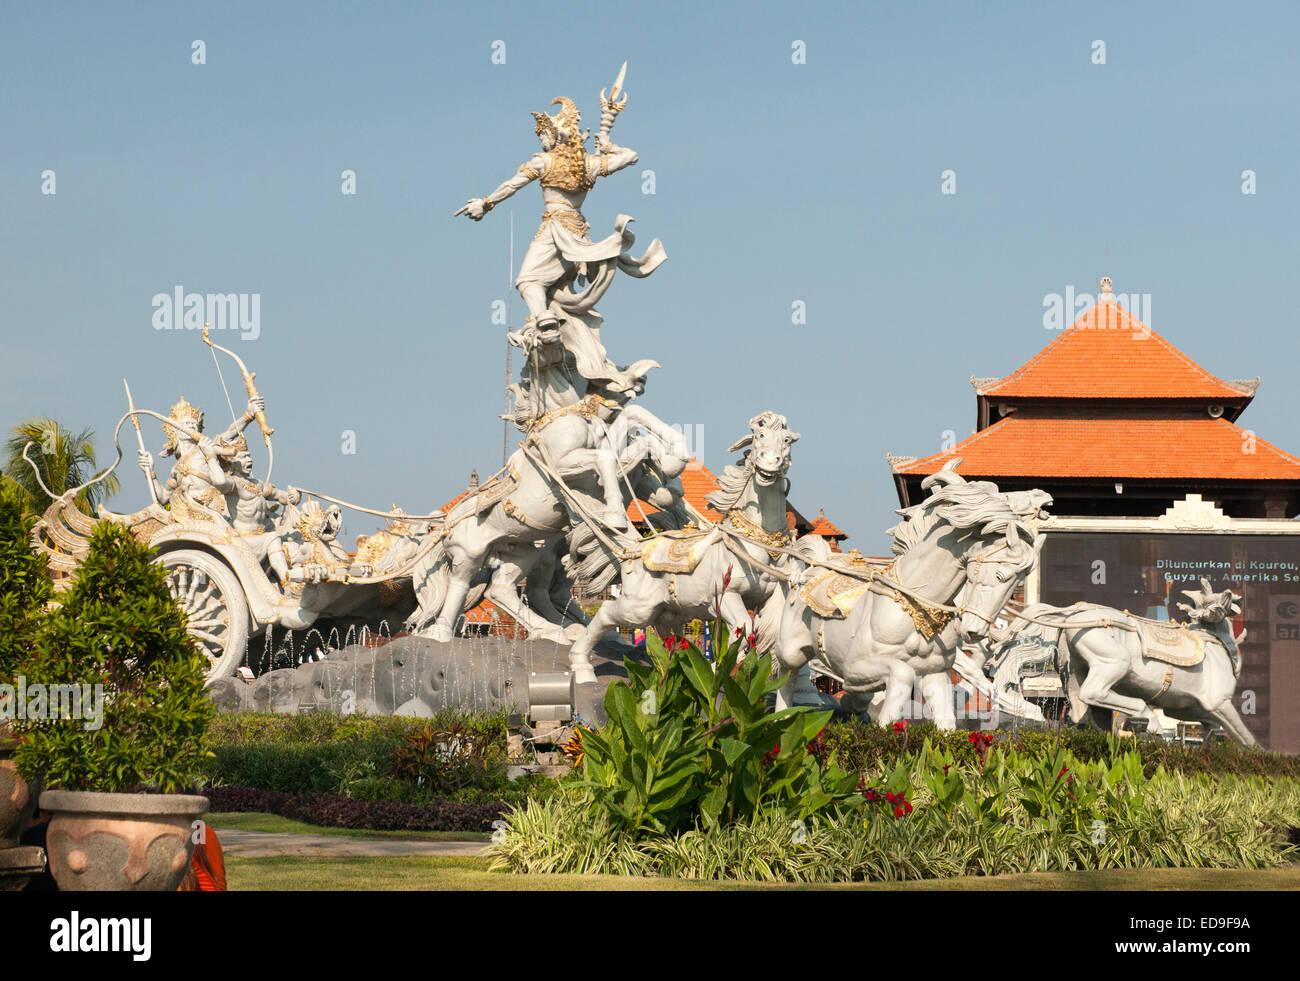 Aeroporto Bali : O flying knight escultura na entrada para o aeroporto de bali na